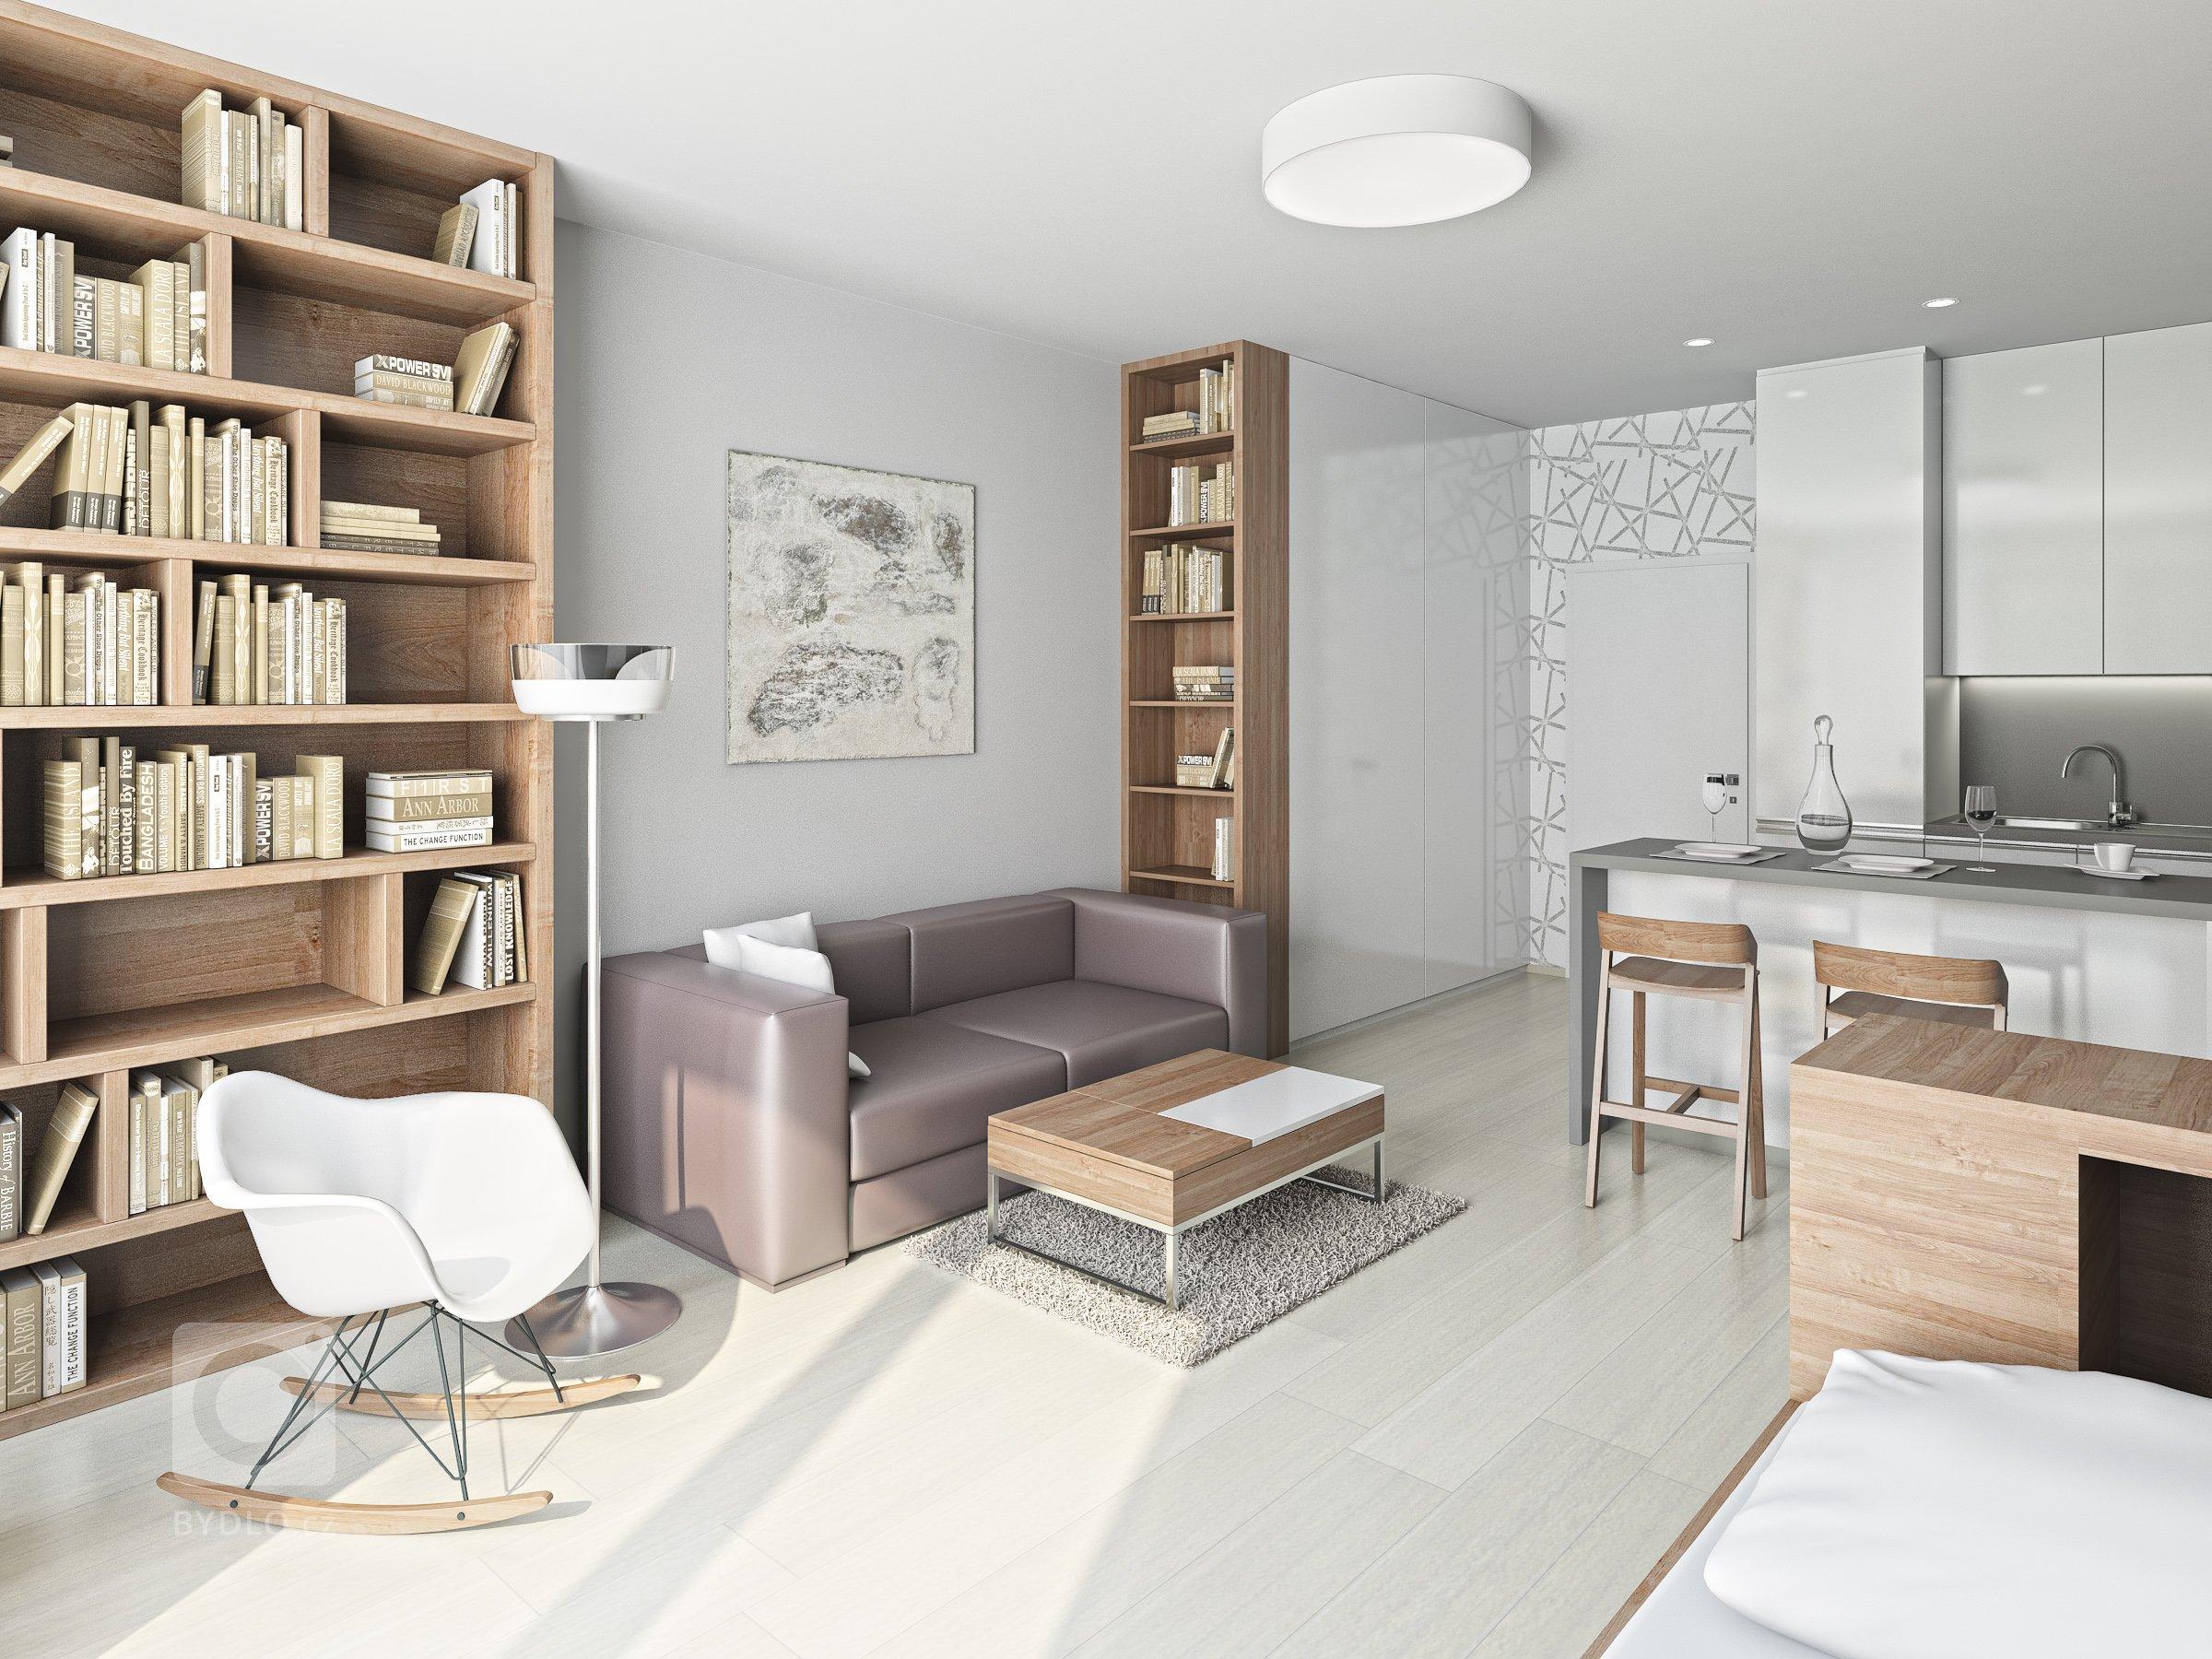 Vizualizace bytu 1+kk v připravovaném bytovém domě v Kroměříži. Na minimální ploše bylo třeba vyřešit obytný prostor s kuchyní i spaním. Použité materiály -…